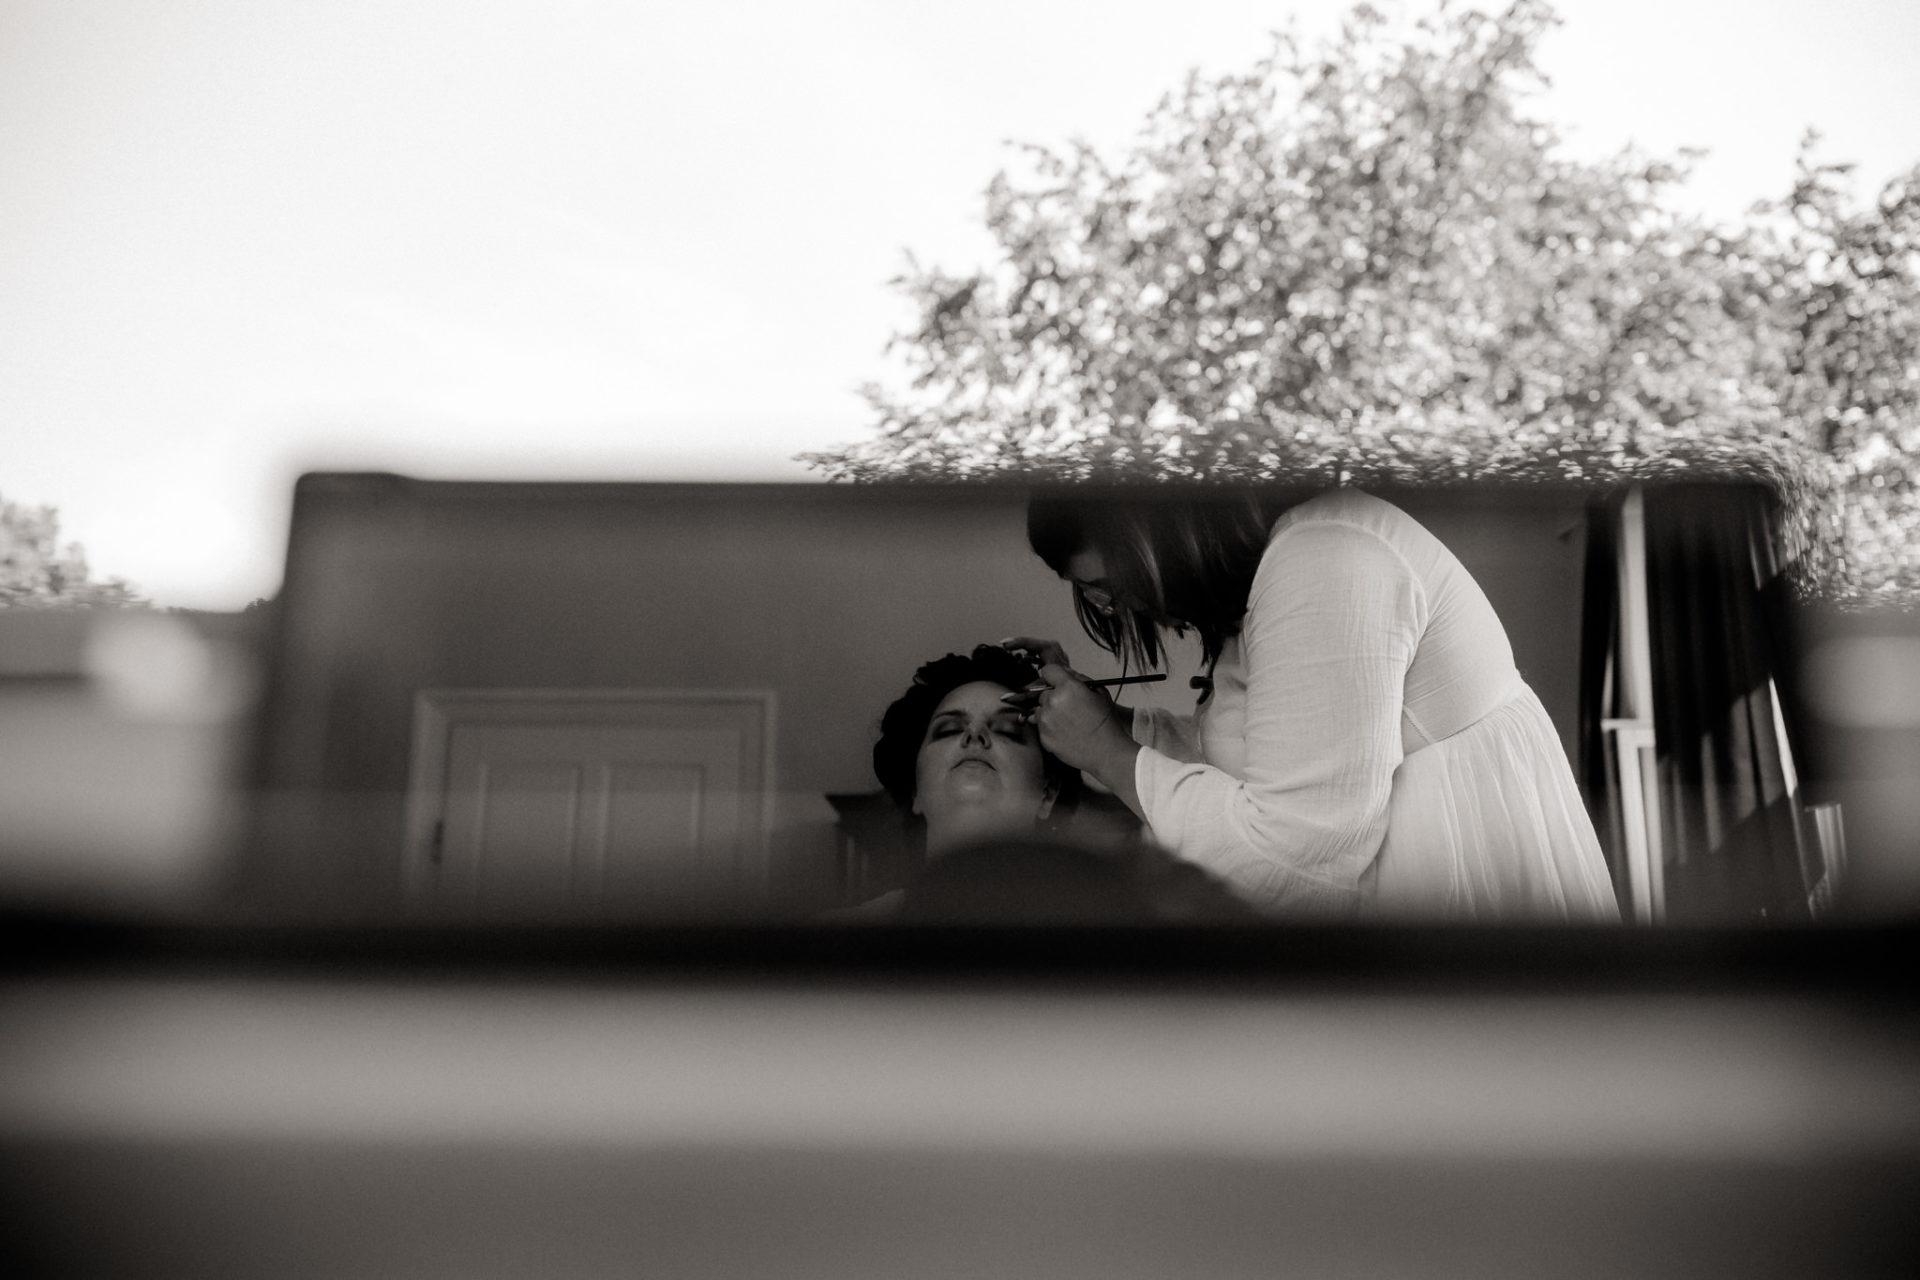 hochzeitsfotograf schloss heinsheim-elegant heiraten-bridal party-Brautmakeup-jessica kaser stylistin-portrait im spiegel